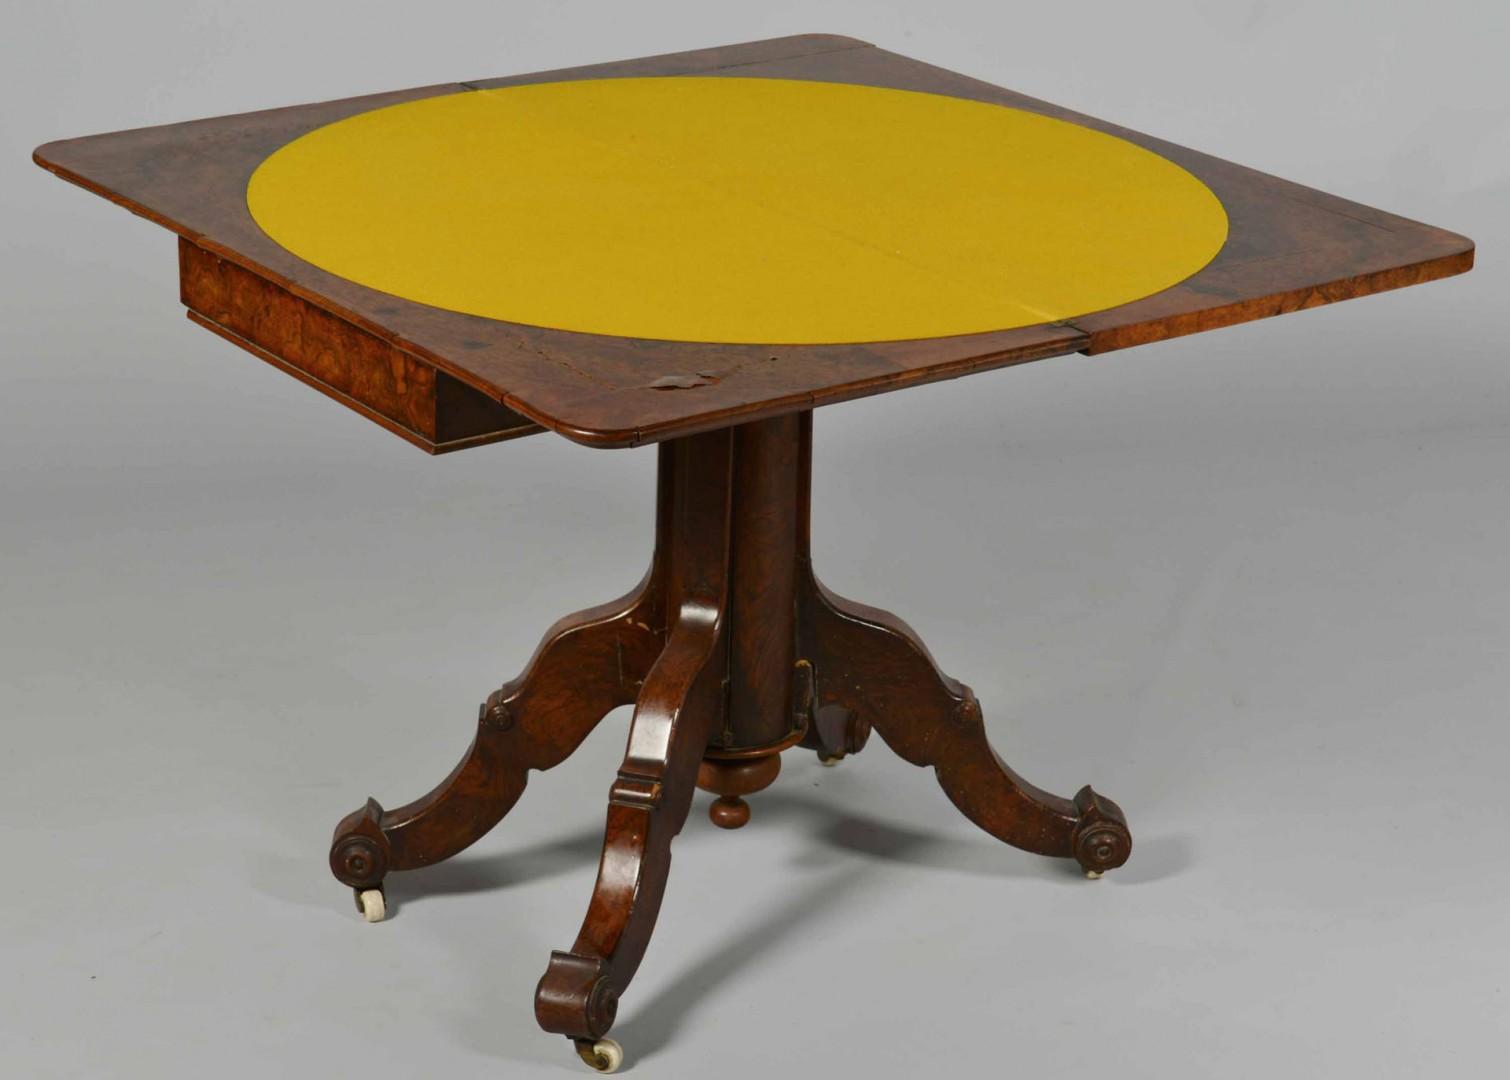 Lot 349: Burl Wood Card Table, Renaissance Revival